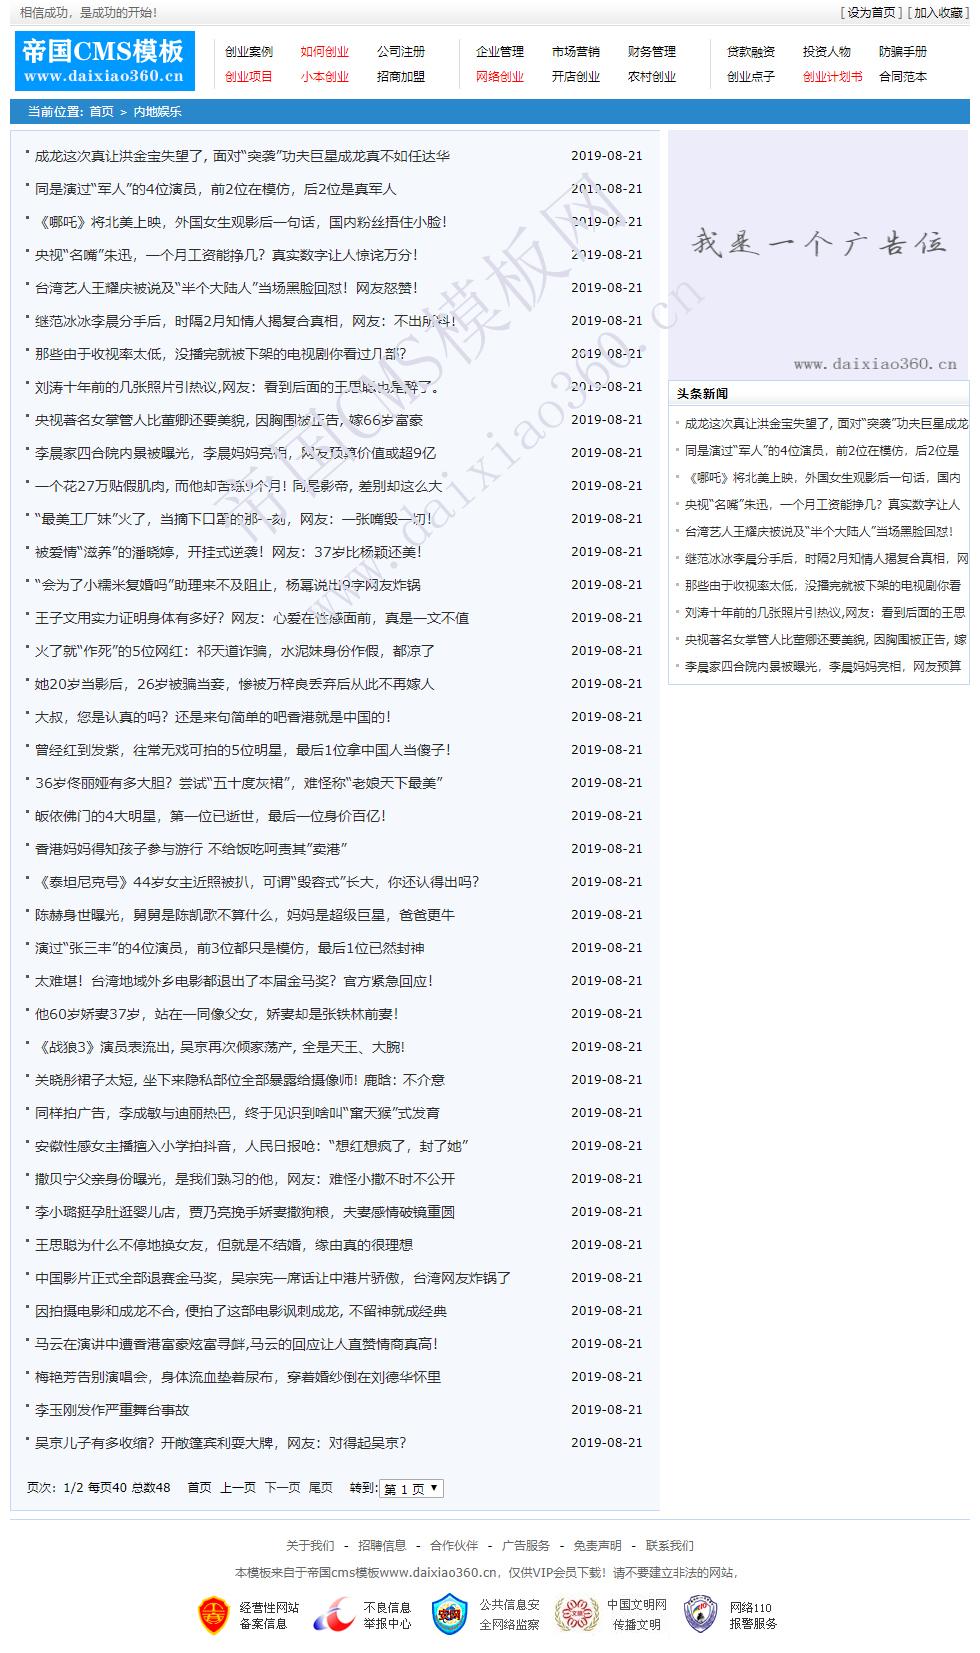 帝国cms创业项目点子网站模板下载-列表页